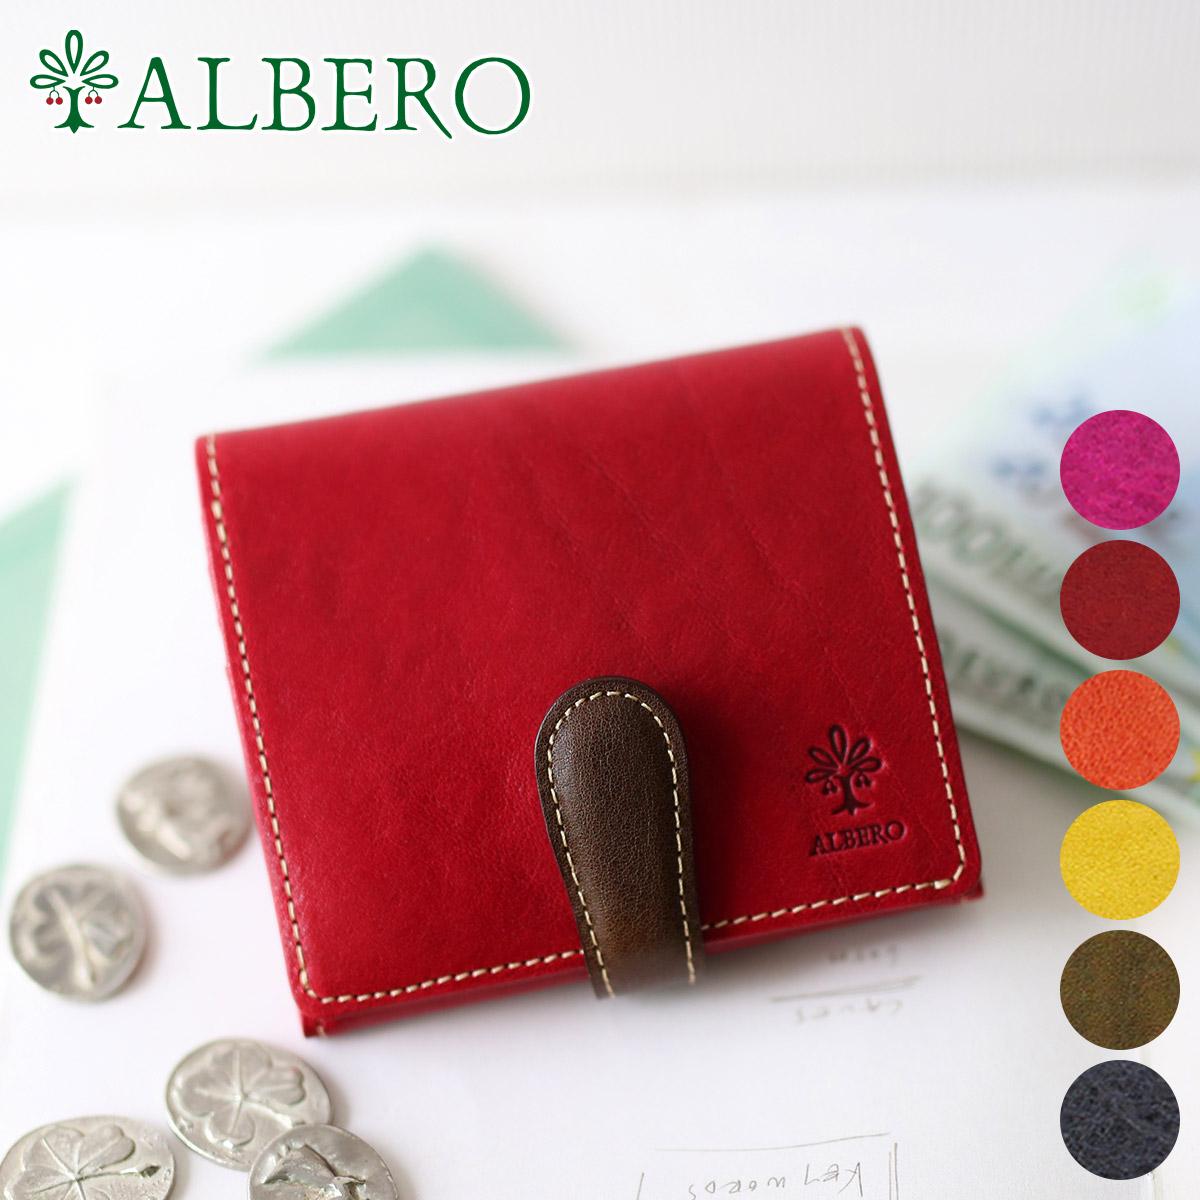 【選べるかわいいノベルティ付】 ALBERO アルベロ 財布PIERROT(ピエロ) 小銭入れ付き二つ折り財布 6414レディース 財布 二つ折り 日本製 ギフト かわいい おしゃれ プレゼント